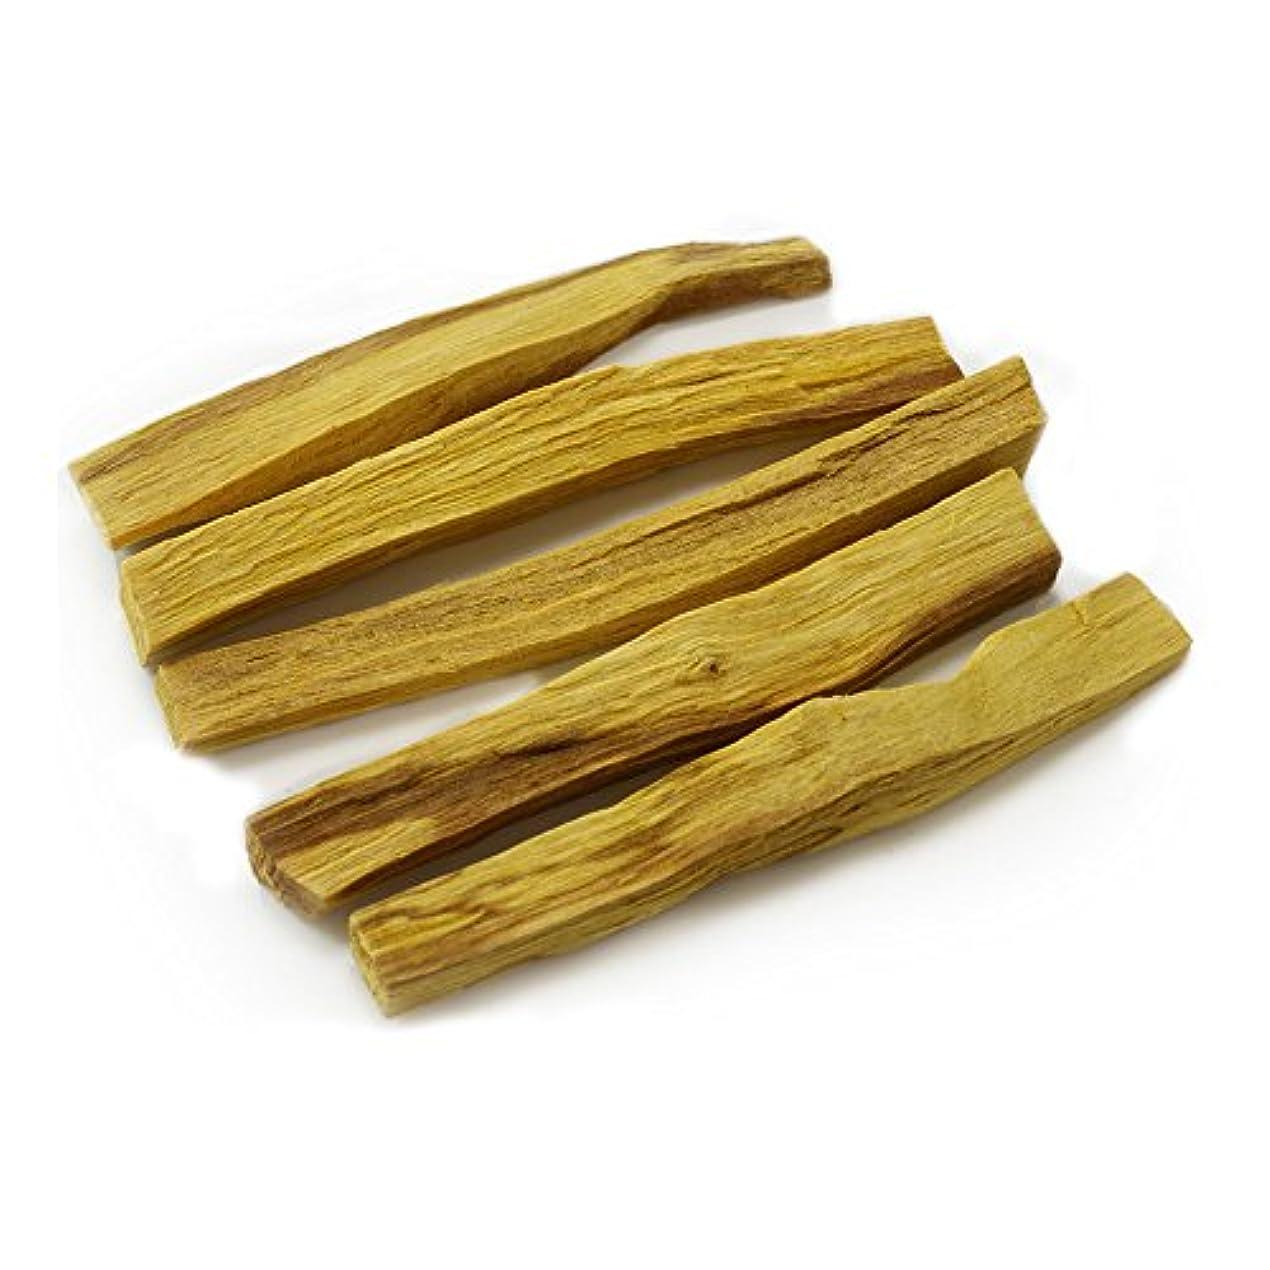 知らせるクリップ蝶医薬品Palo Santo Holy Wood Incense Sticks 5 Pcs by Palo Santo Wood